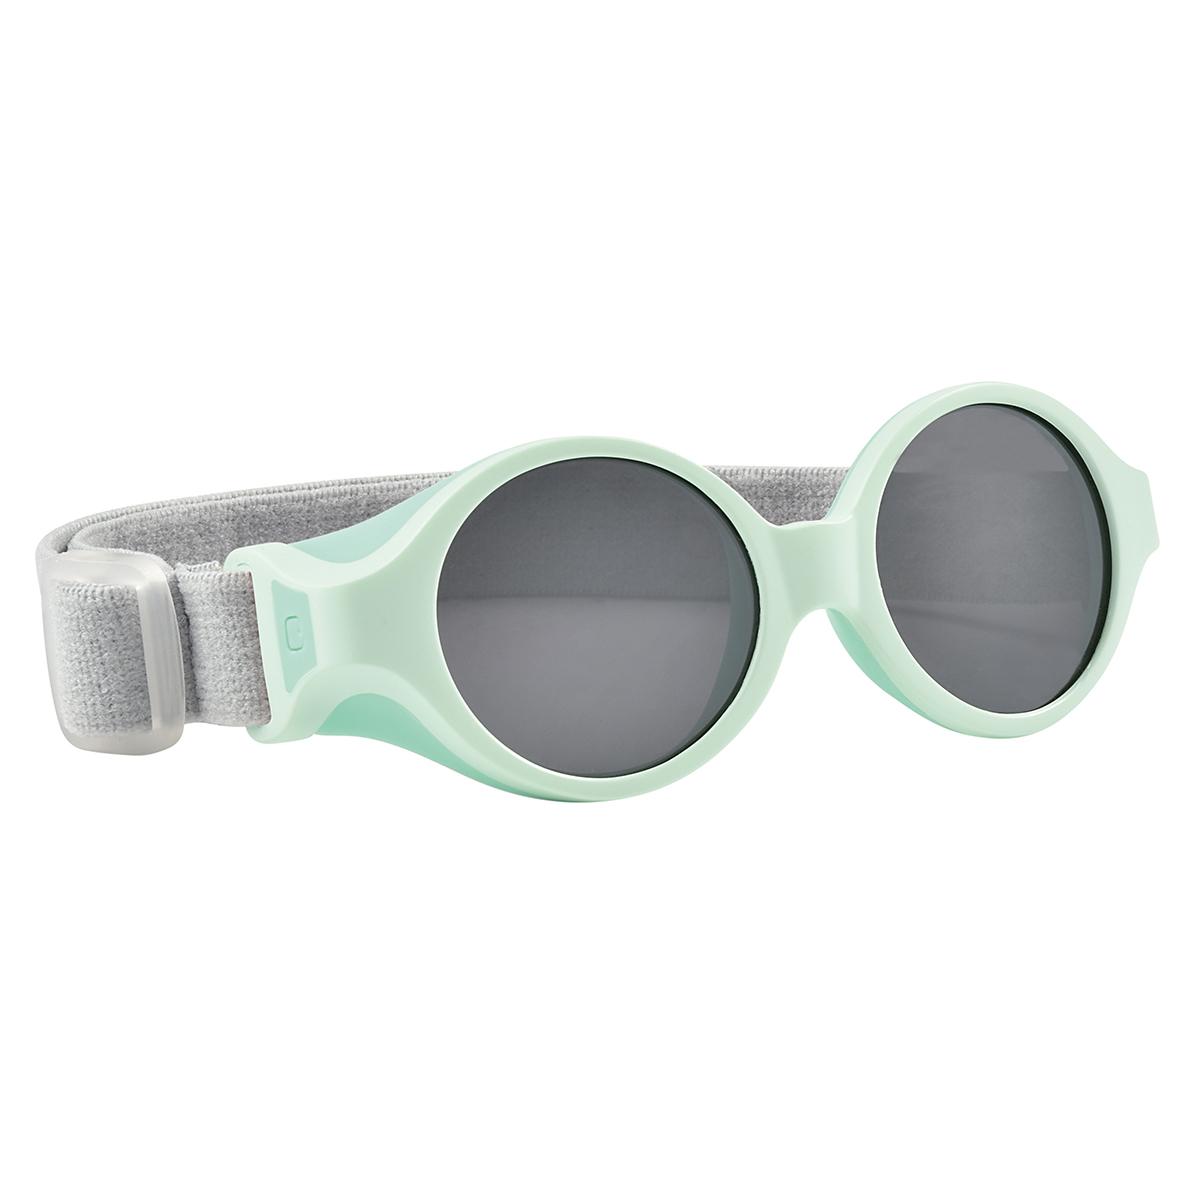 Accessoires bébé Lunettes de Soleil Bandeau 0/9 Mois - Vert Pastel